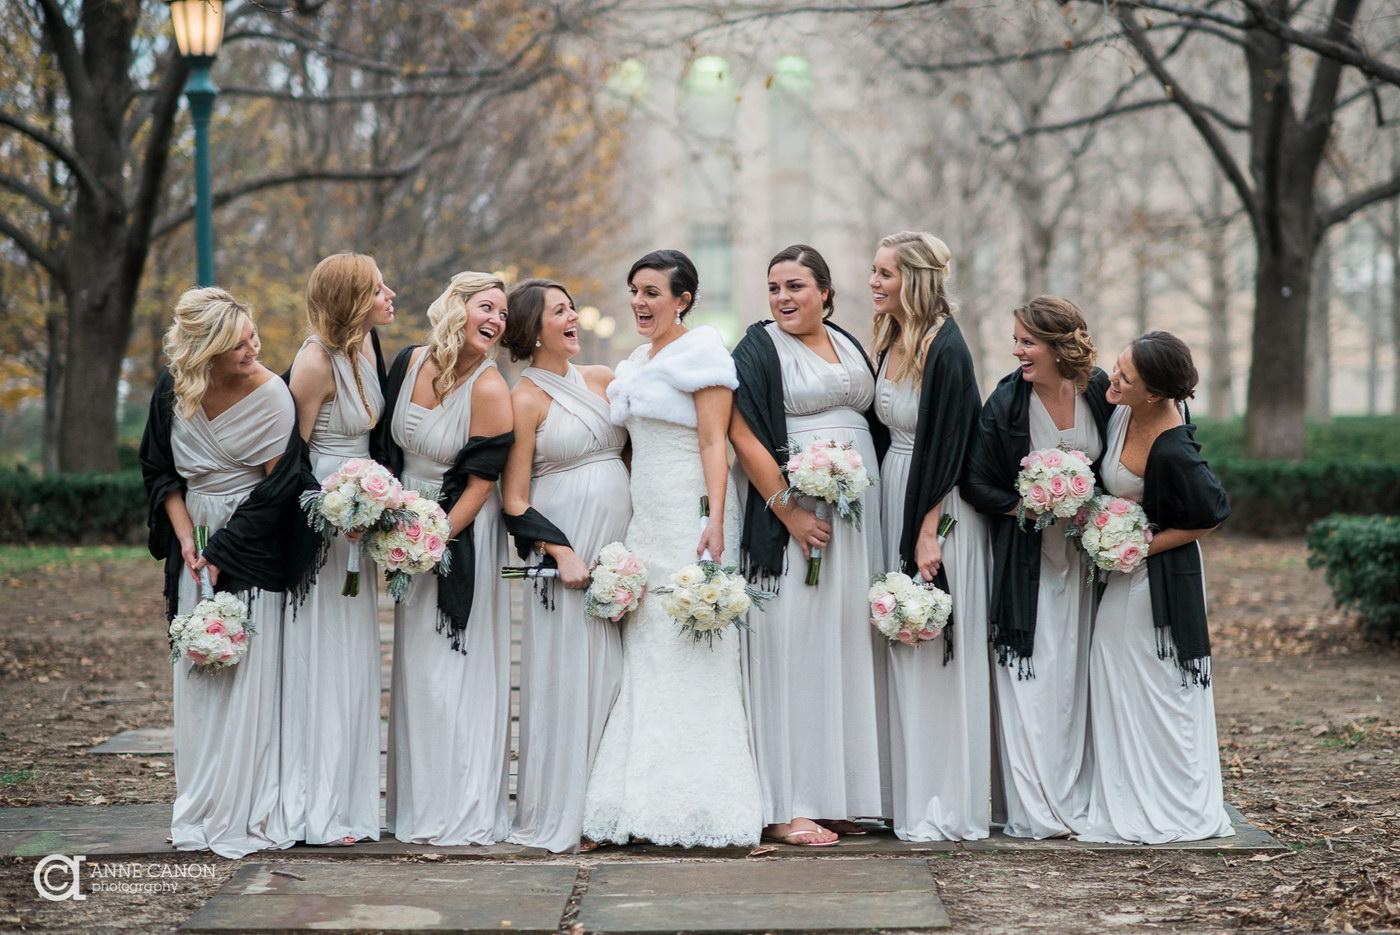 Cate domnisoare de onoare poti avea la nunta